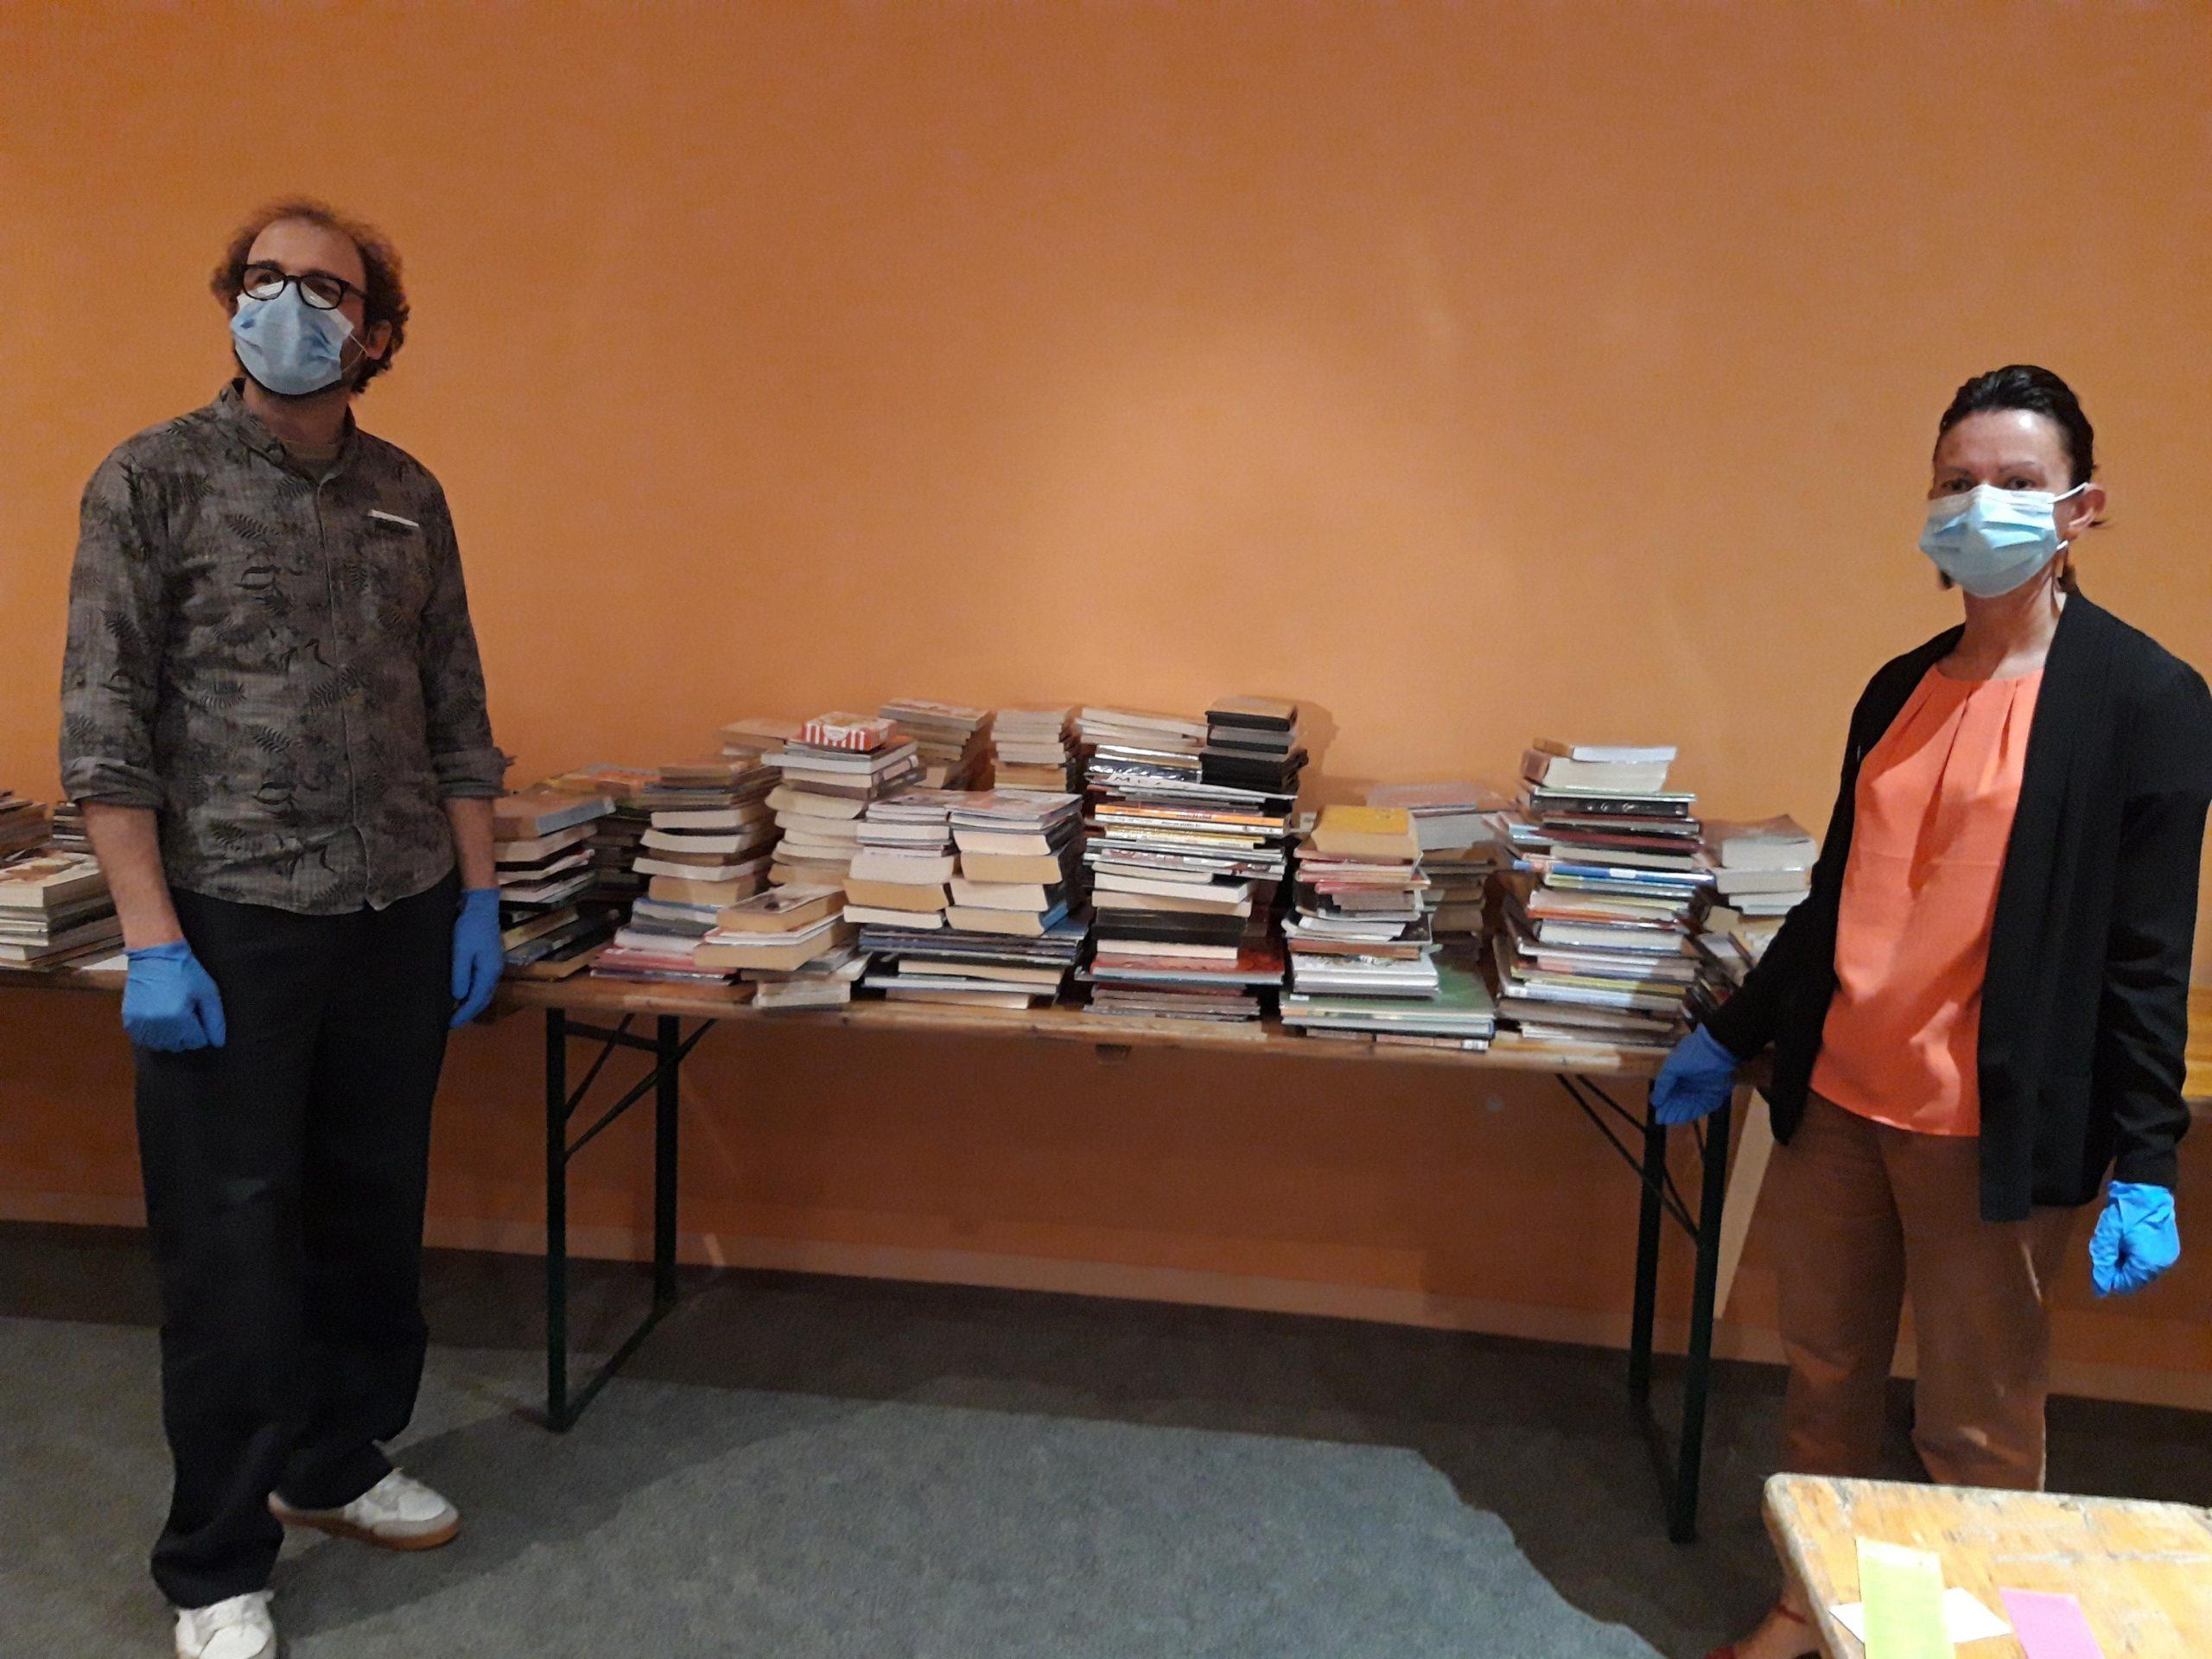 Thibaut Héquet, responsable de la médiathèque, et Marlène Turgis, responsable du Fonds Patrimoine de la médiathèque, dans l'auditorium qui accueille les documents en quarantaine depuis le 12 mai.